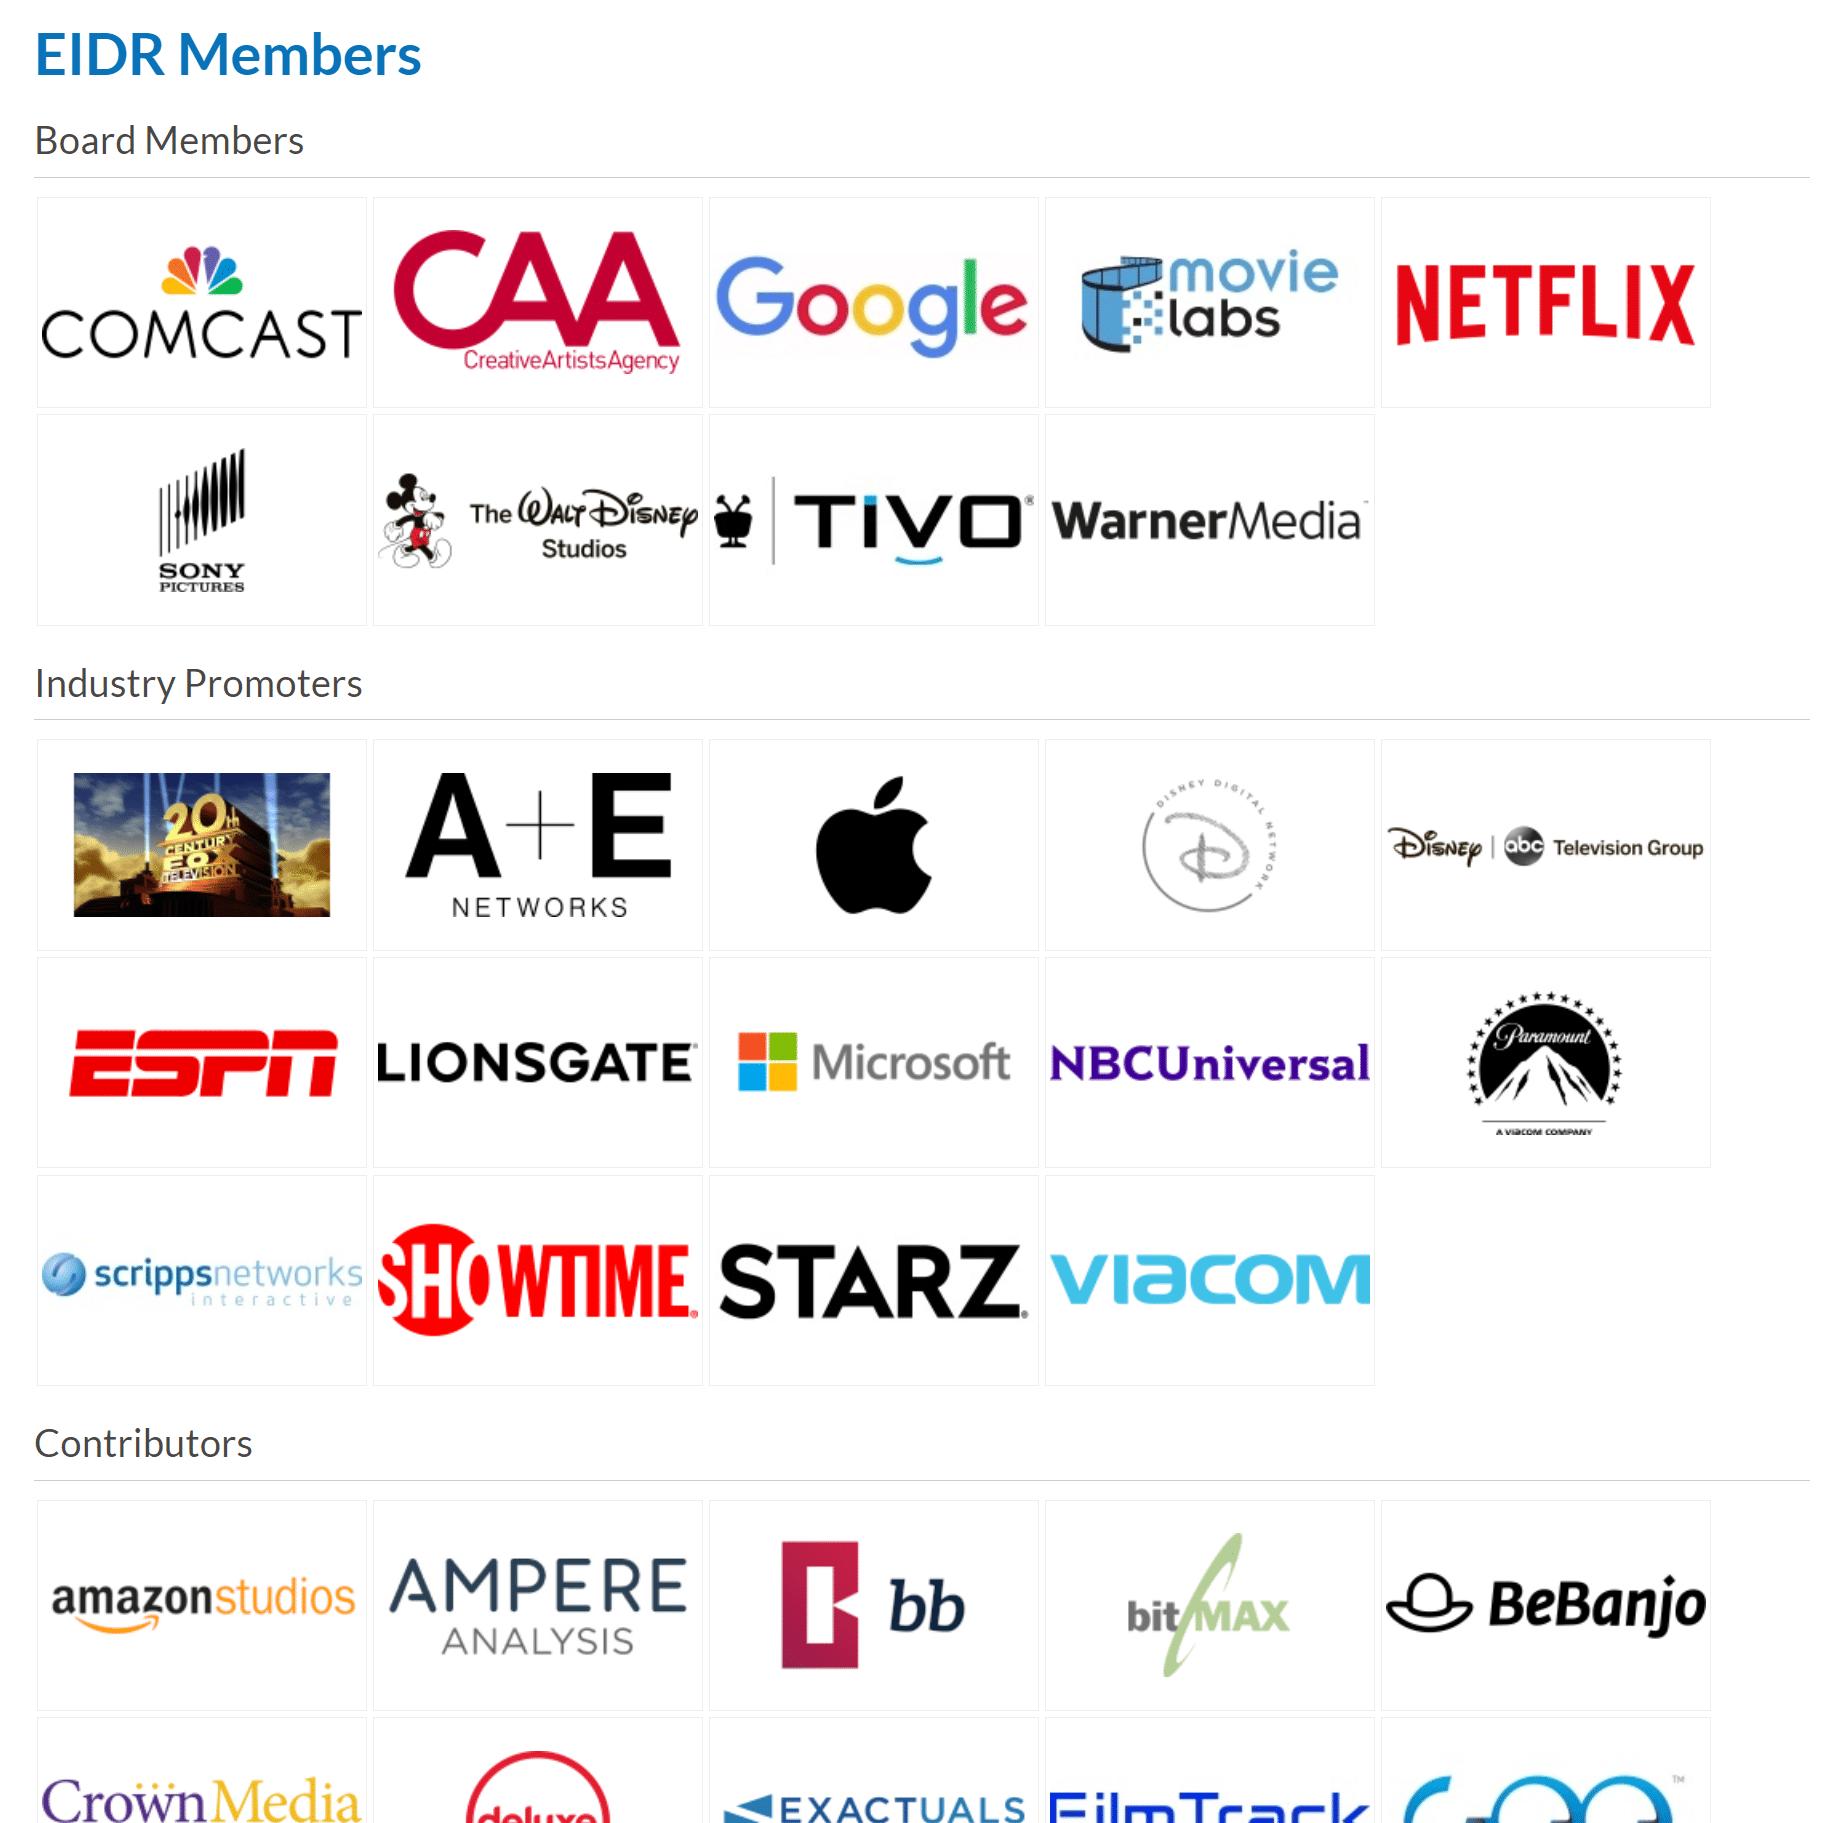 Membros do EIDR - Como registrar filmes e programas de TV no EIDR